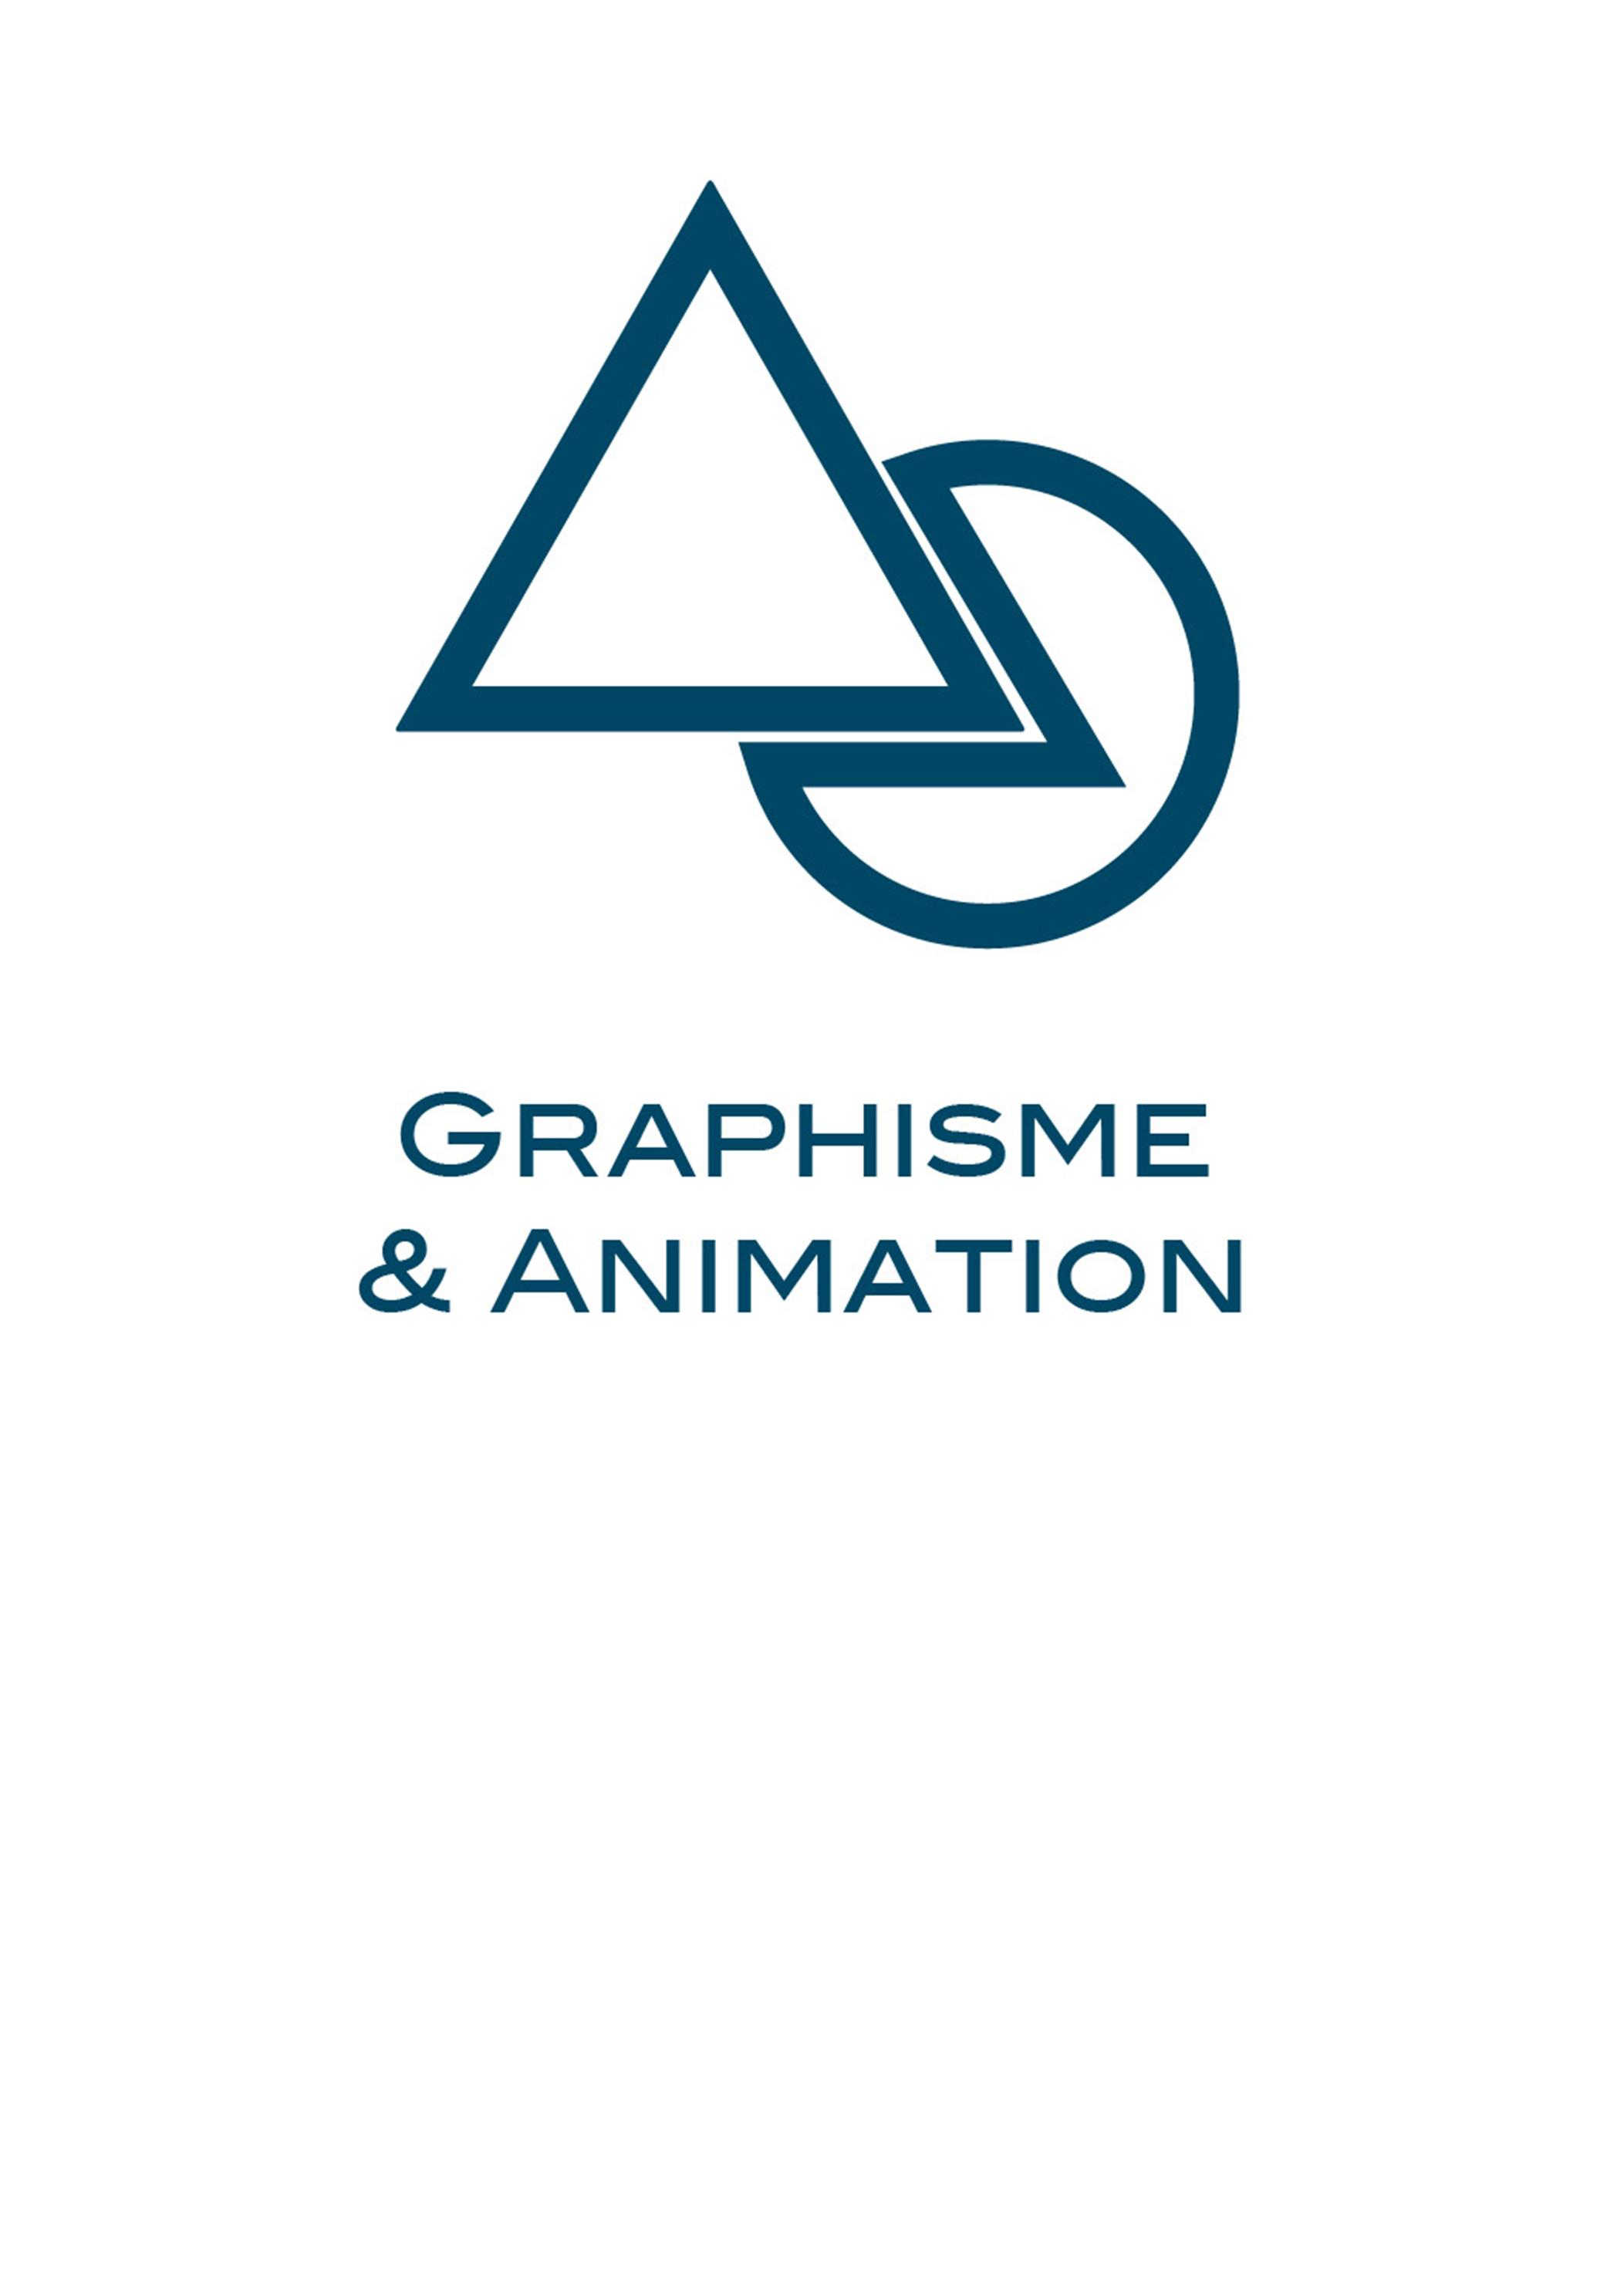 Nous proposons une large gamme d'habillages dynamiques, animations et effets spéciaux. Nous produisons des animations 2D et 3D et des infographies éblouissantes.